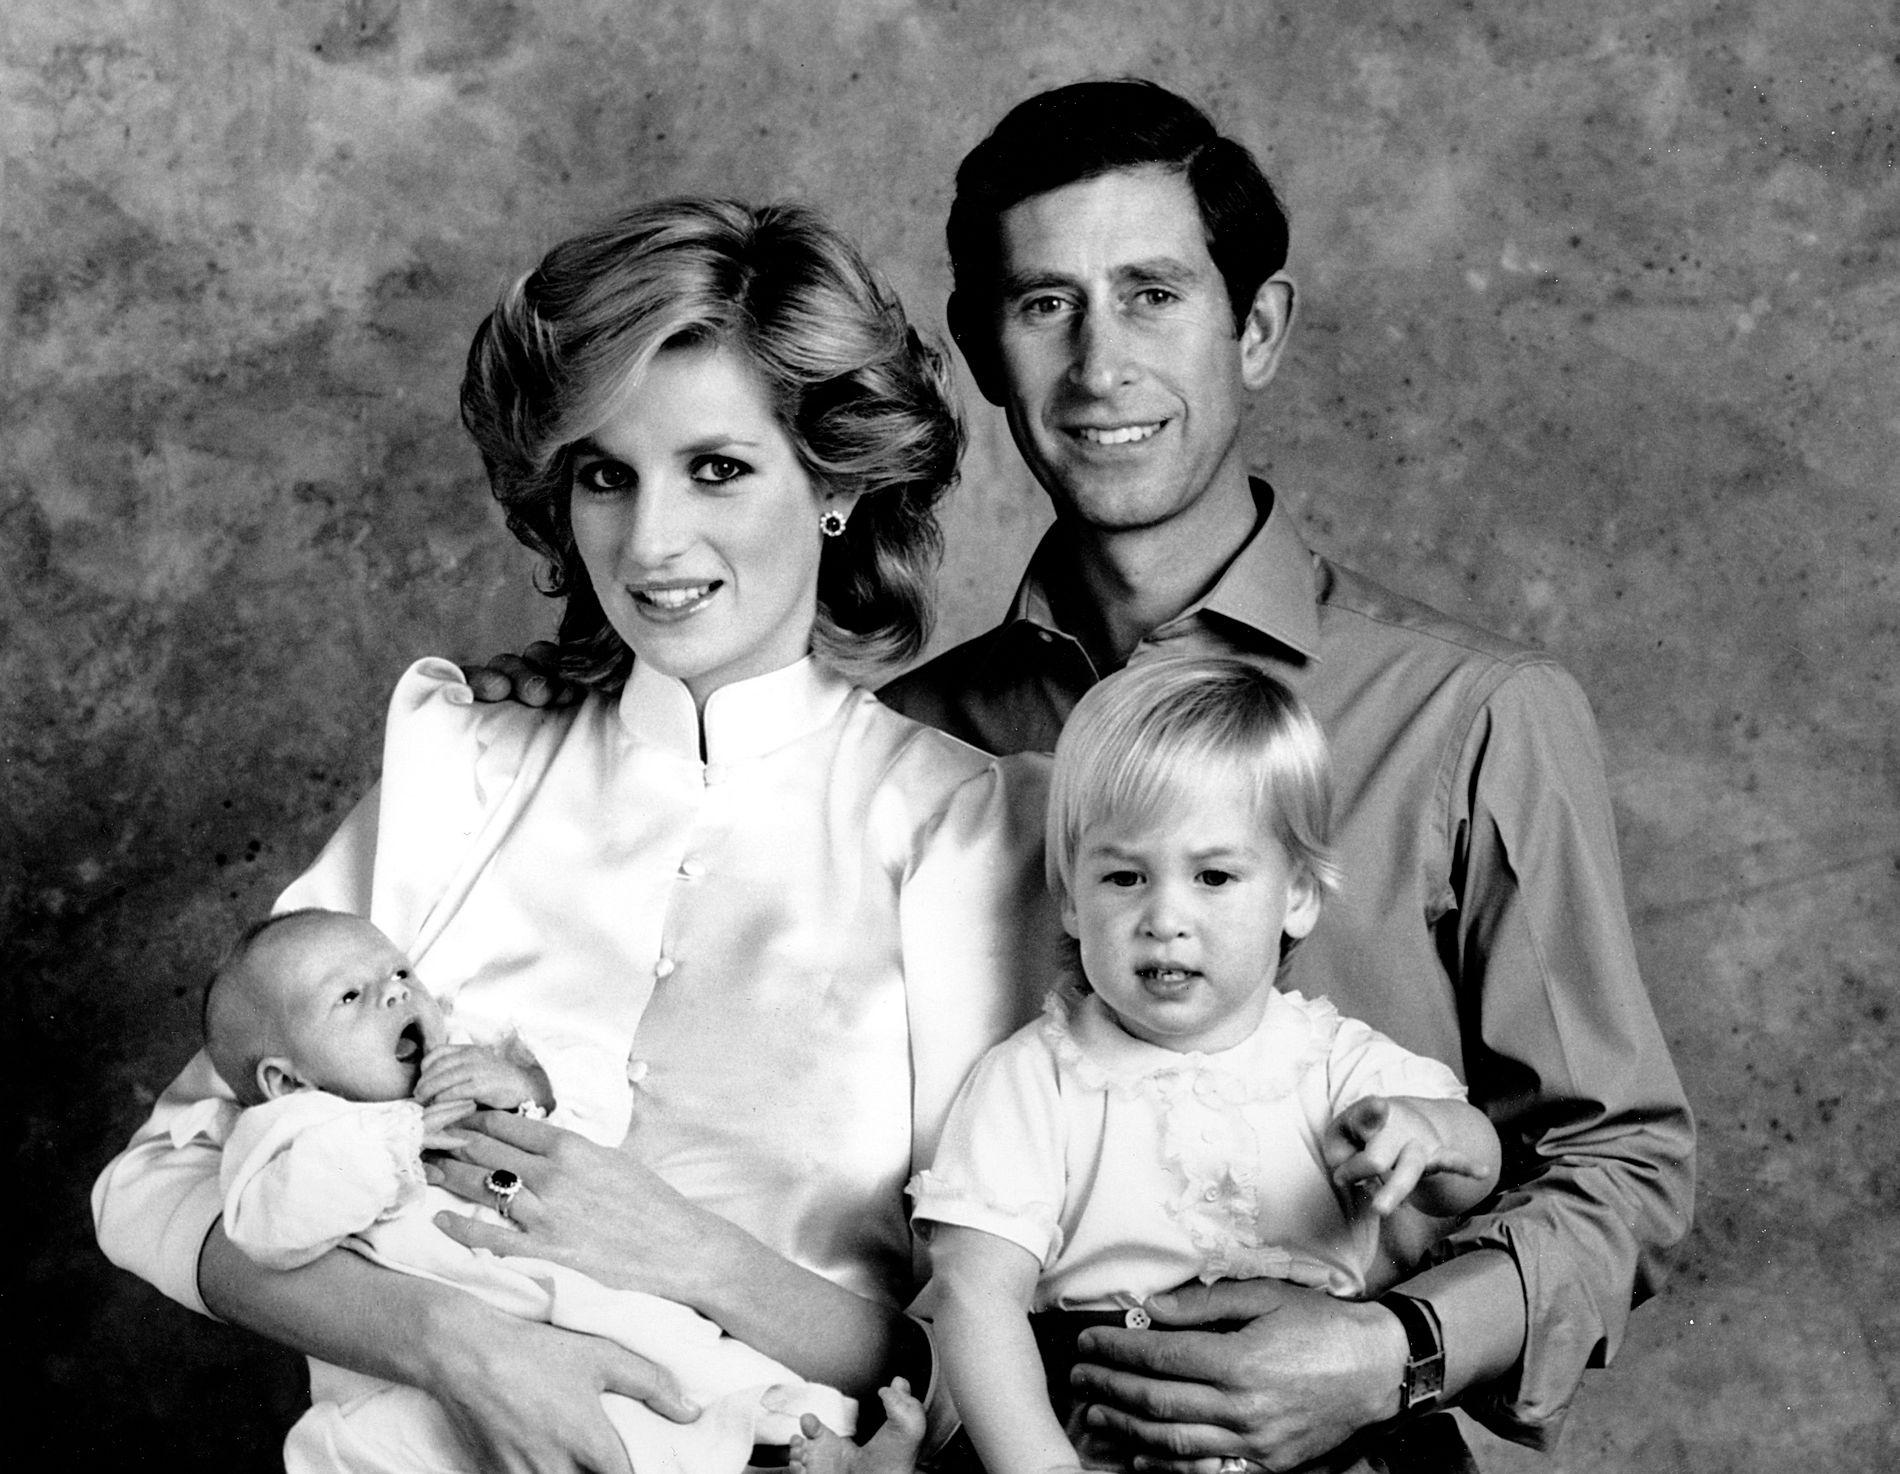 FAMILIEBILDE: Dette bildet av prins Harry med mamma Diana, pappa Charles og storebror William er tatt rund tre uker etter at han var født.